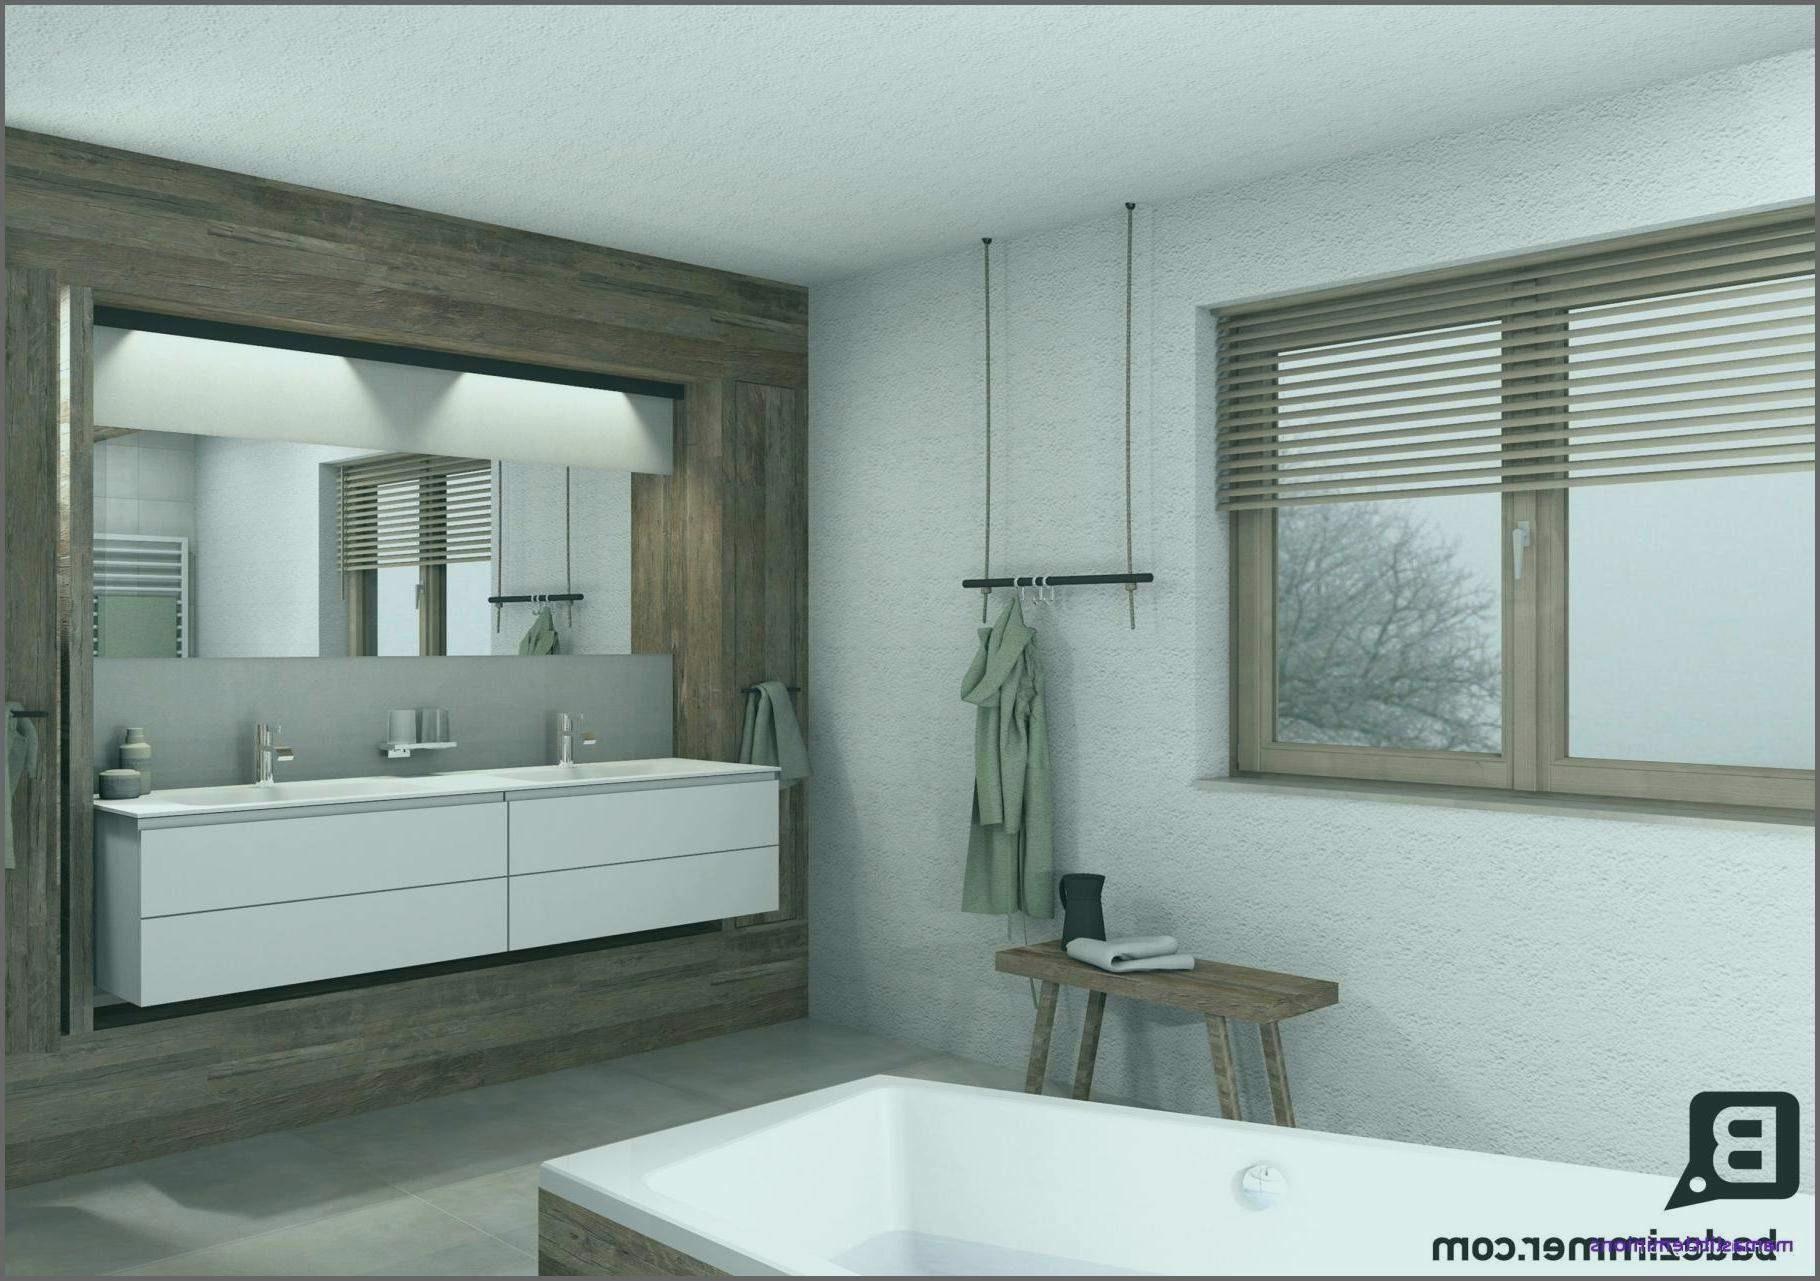 bad deko modern einzigartig 32 luxus fliesen wohnzimmer ideen elegant of bad deko modern